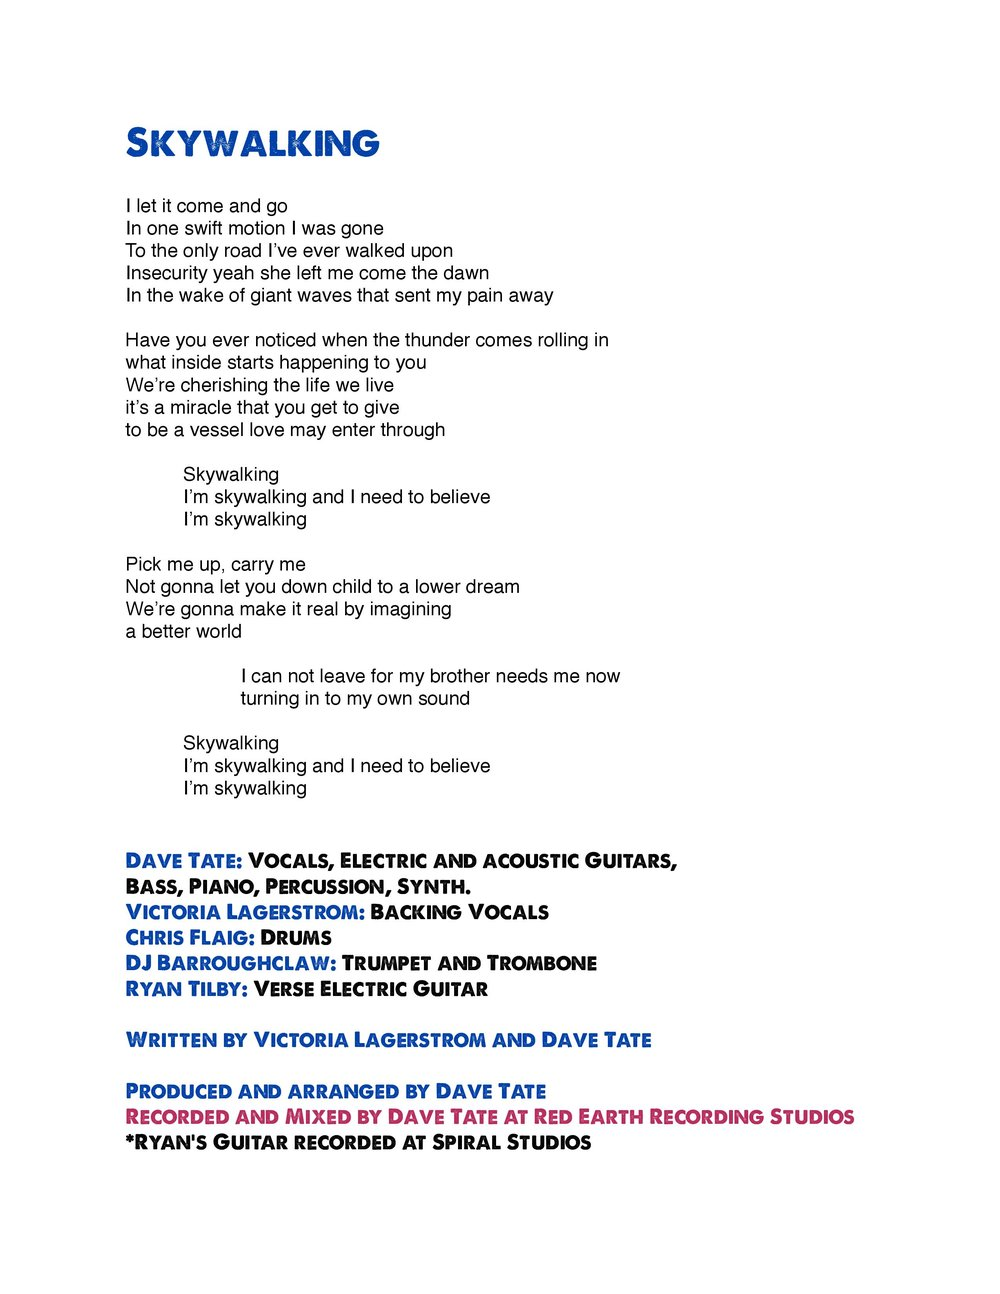 8 Skywalking Lyrics-page-001.jpg